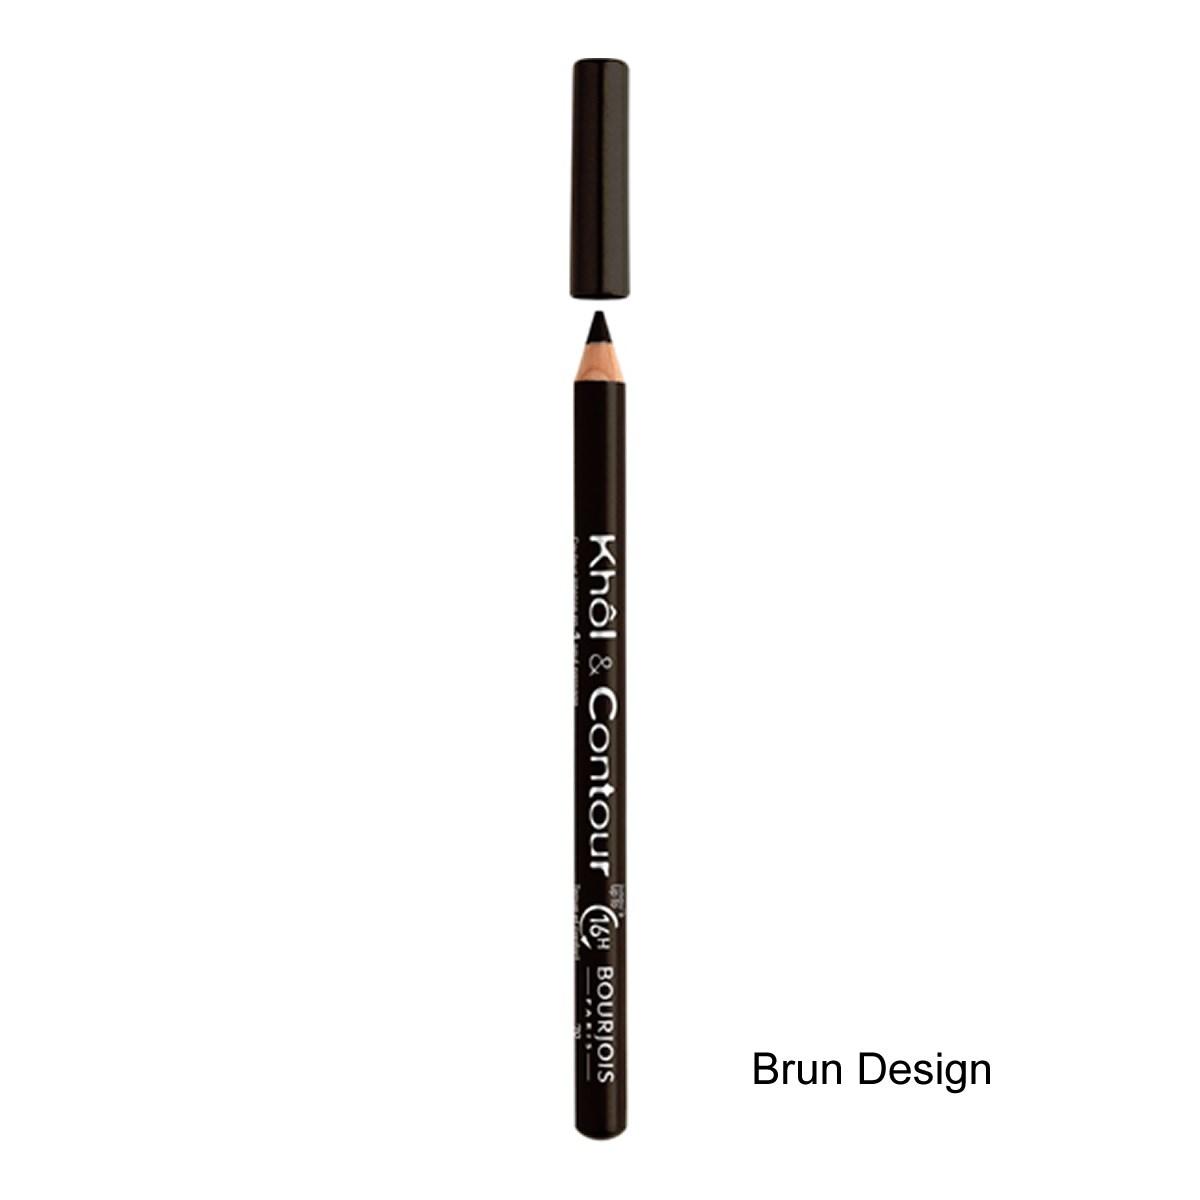 Bourjois Khol & Contour Pencil